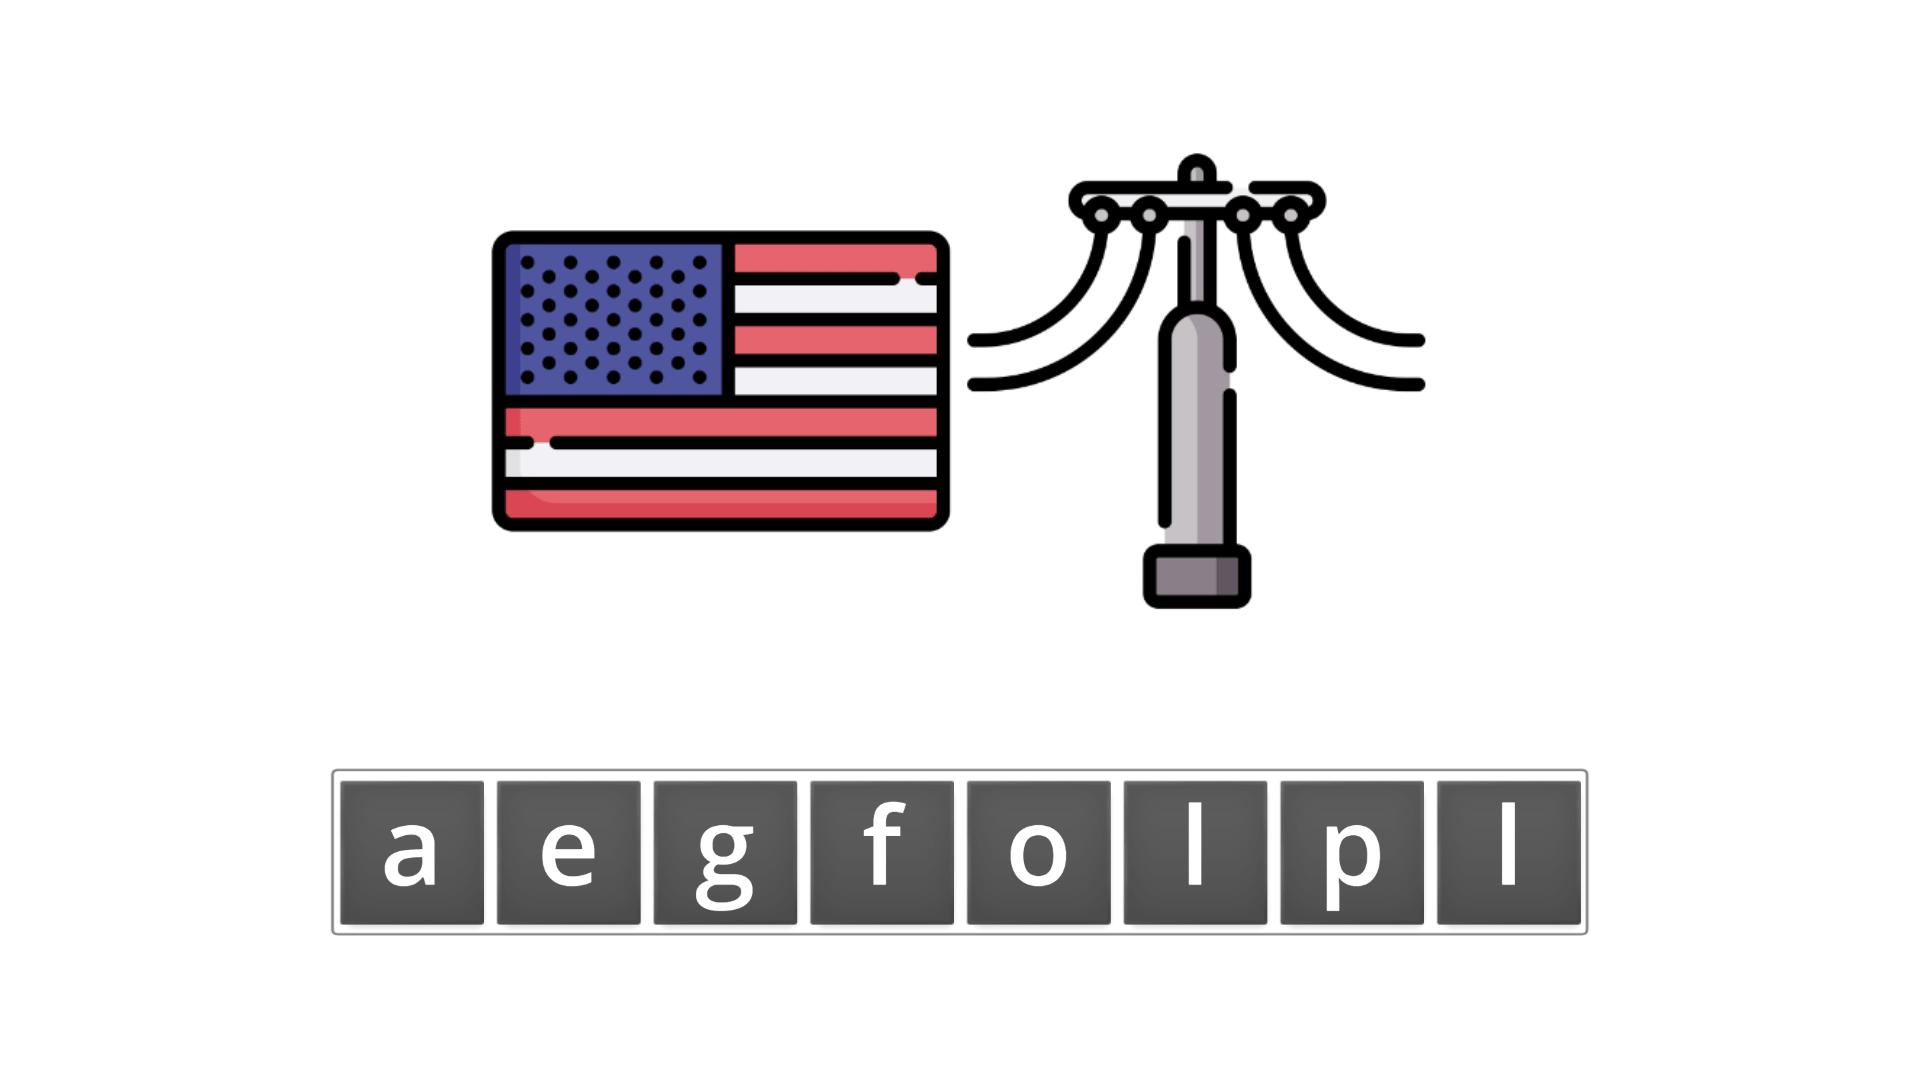 esl resources - flashcards - compound nouns - unscramble - flagpost